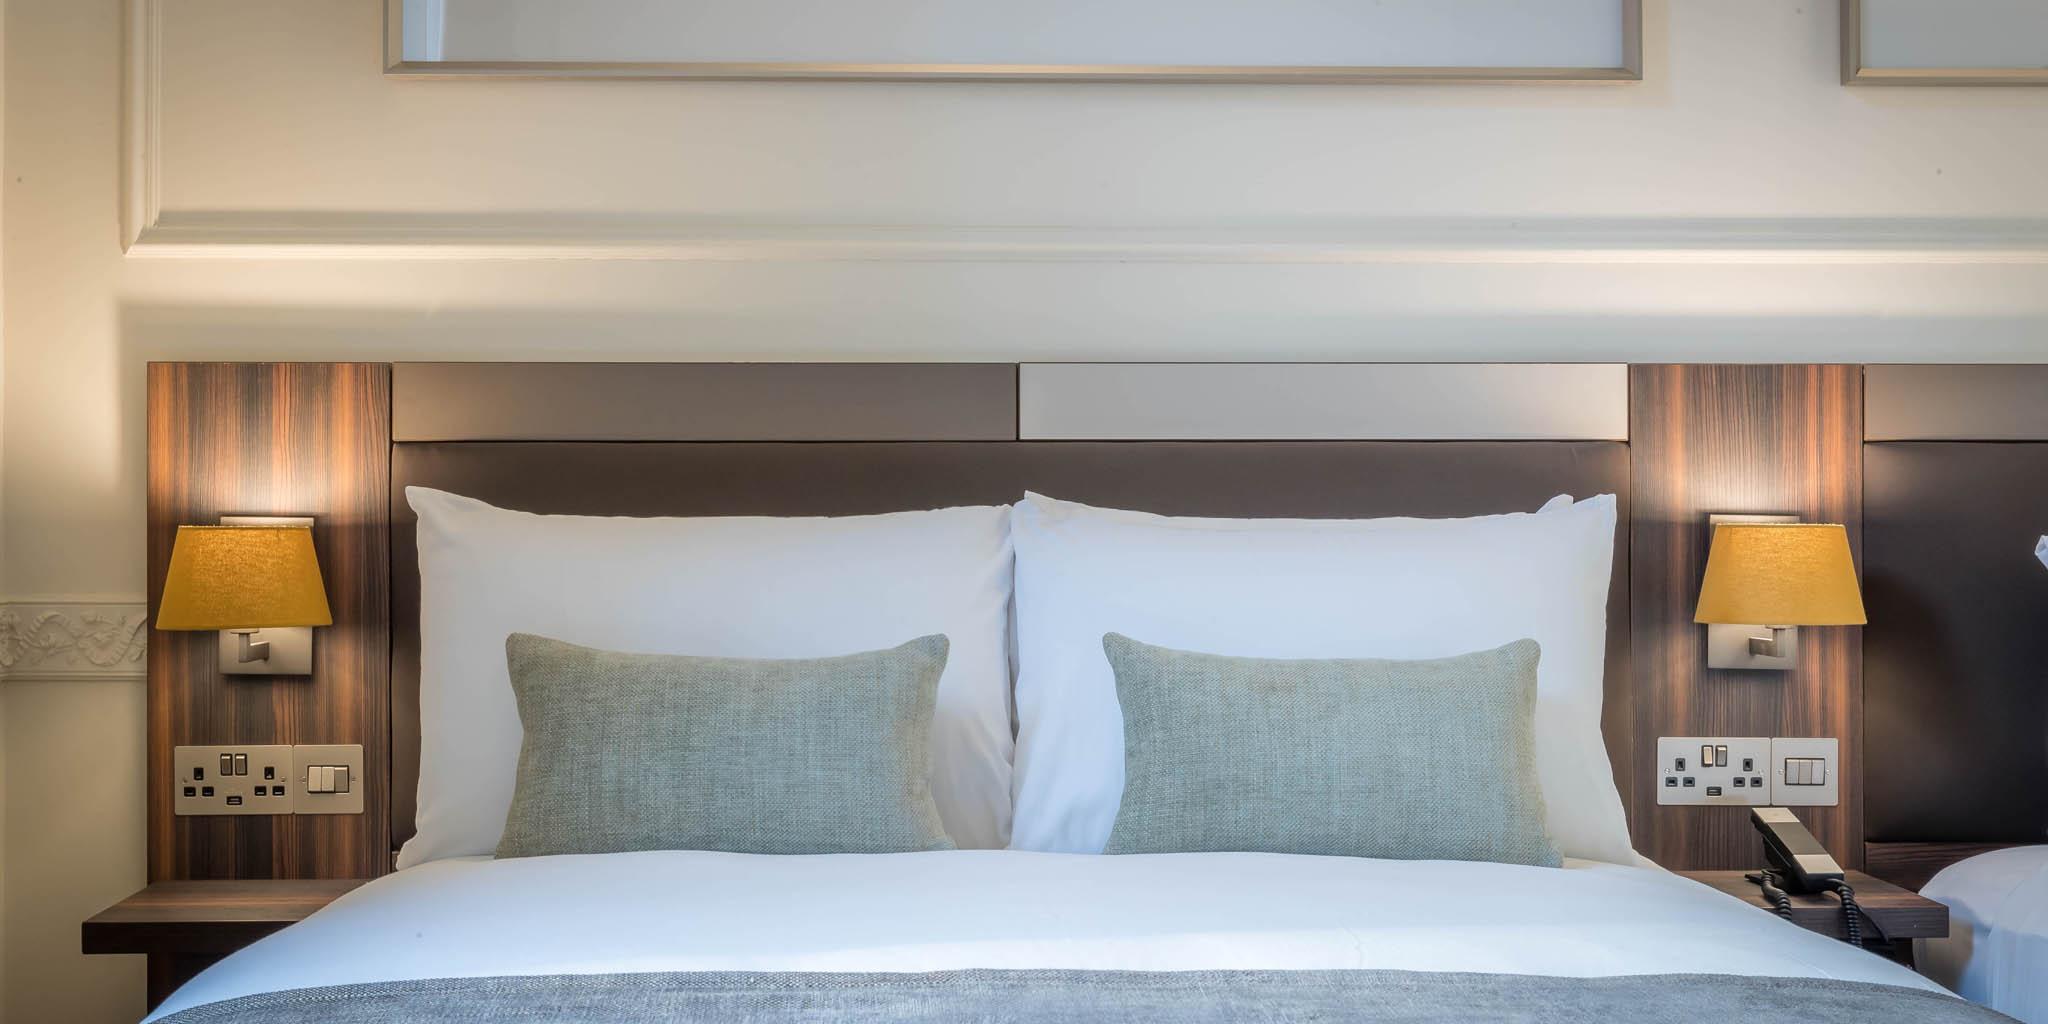 Hotel 7 bedroom